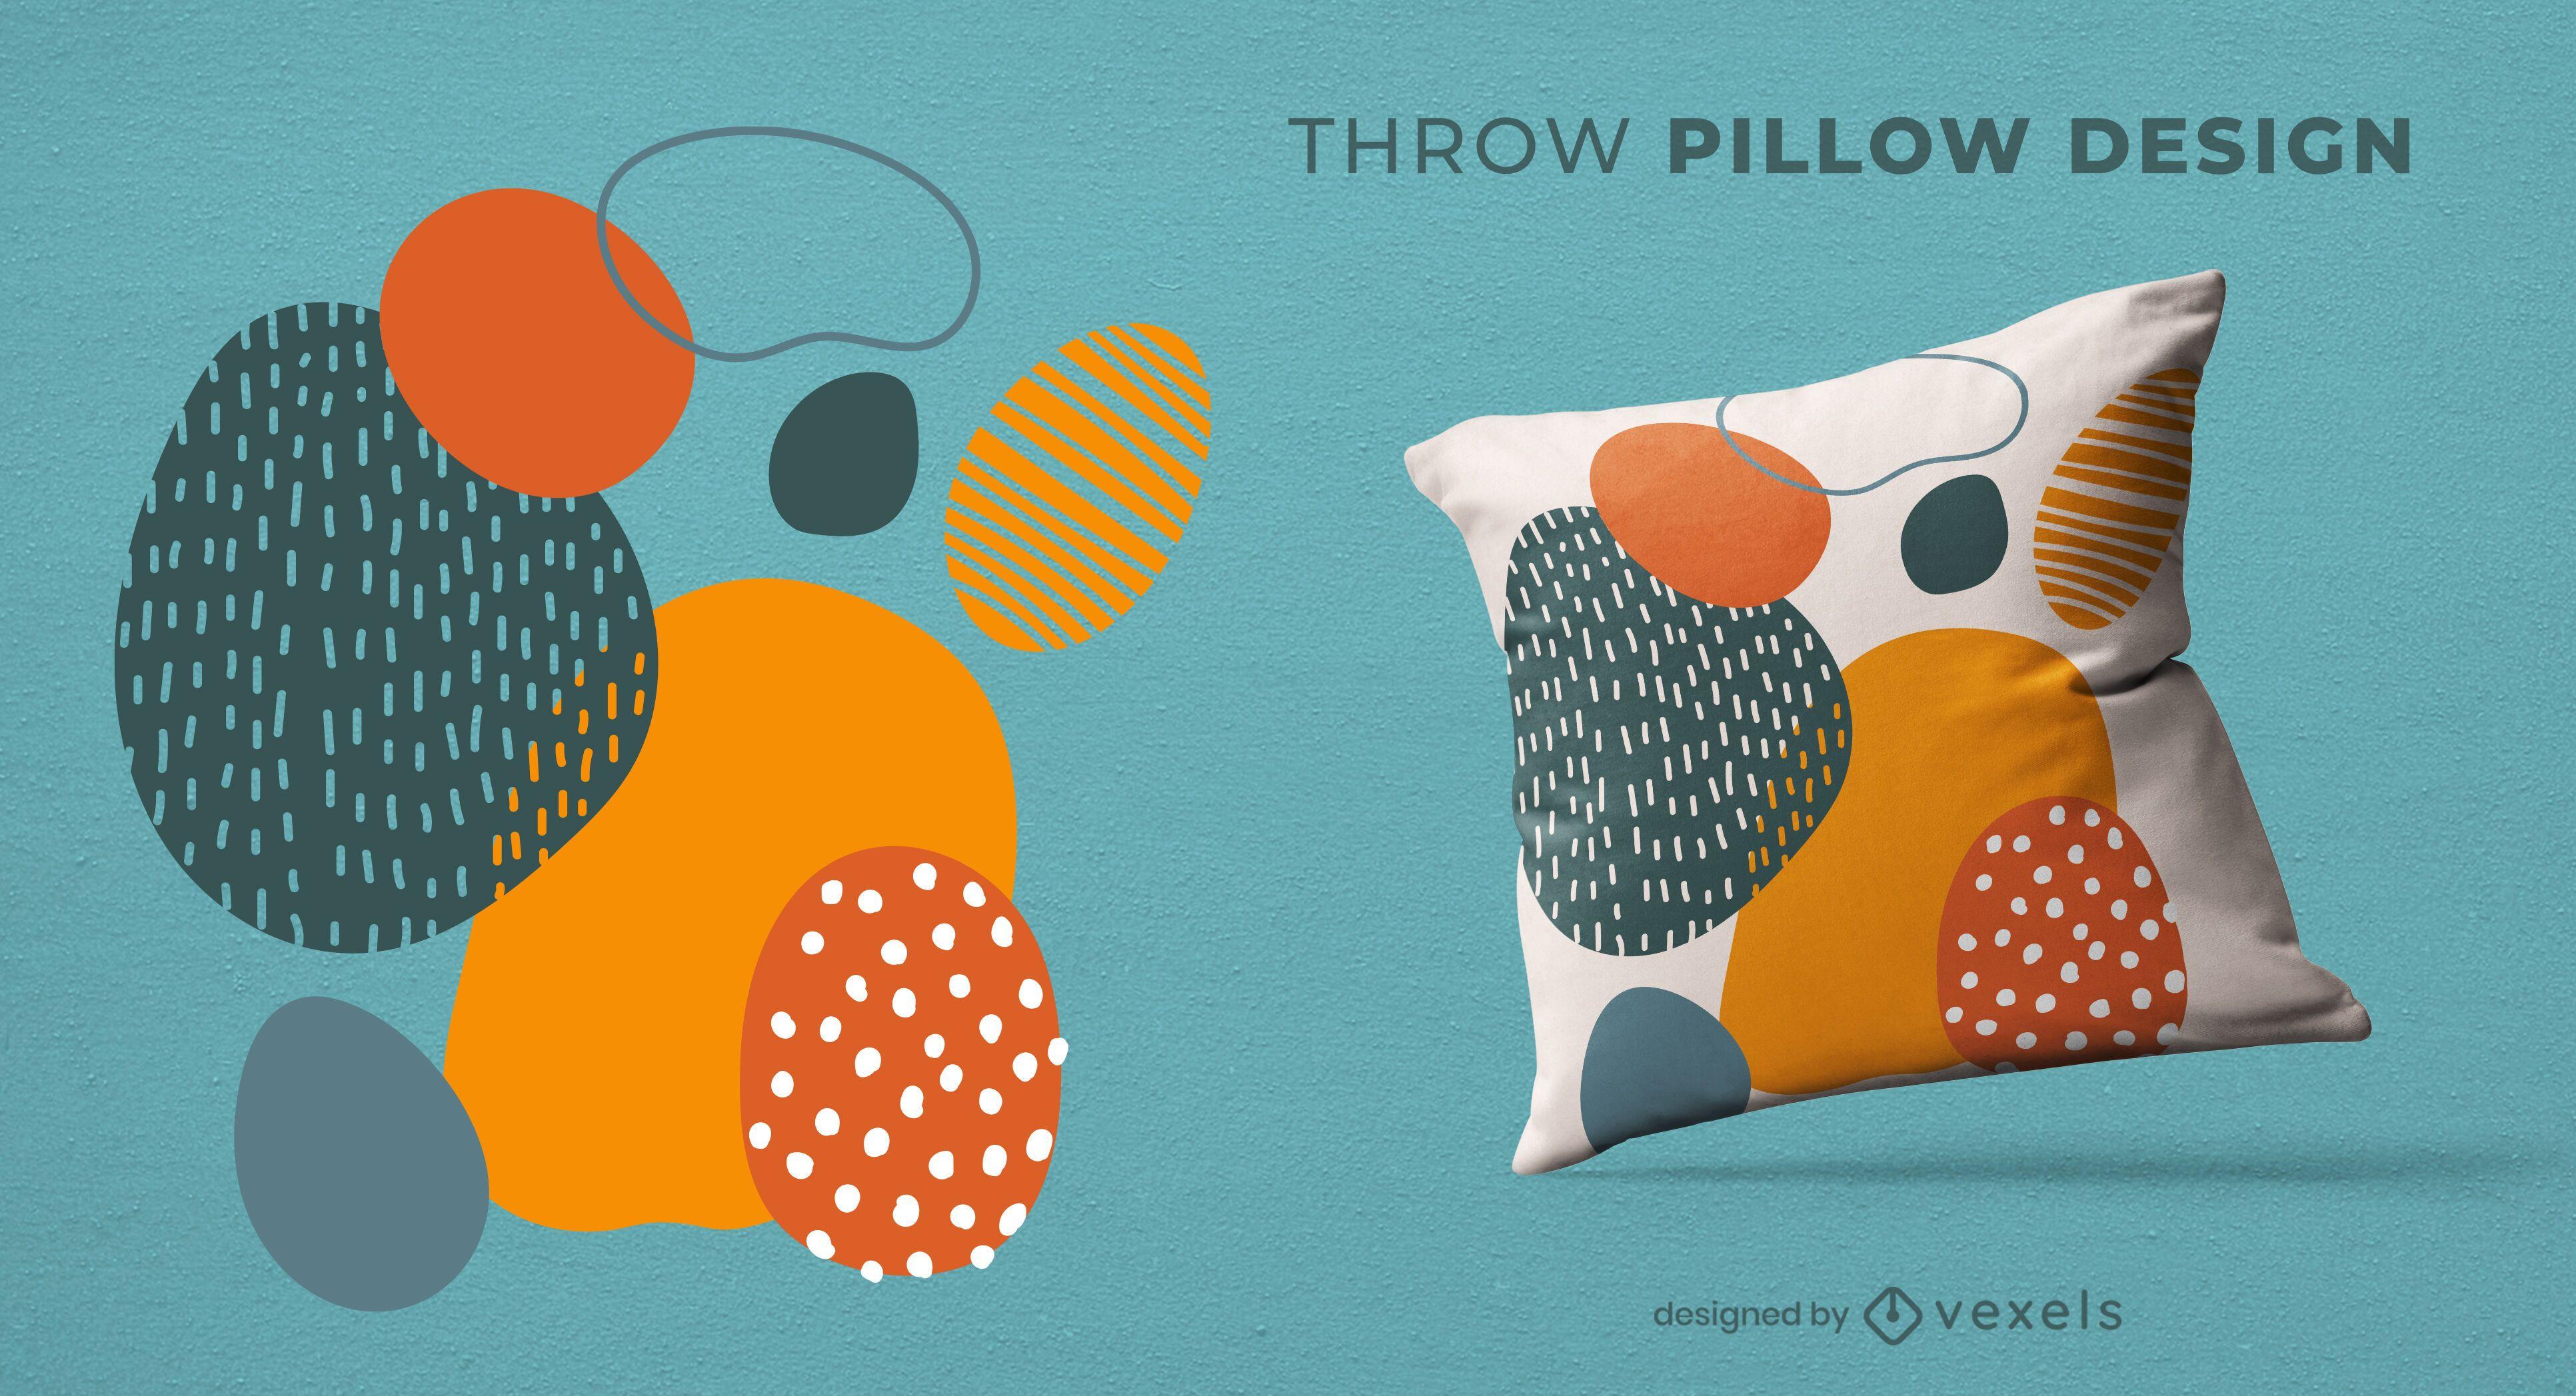 Design de almofadas com formas artísticas